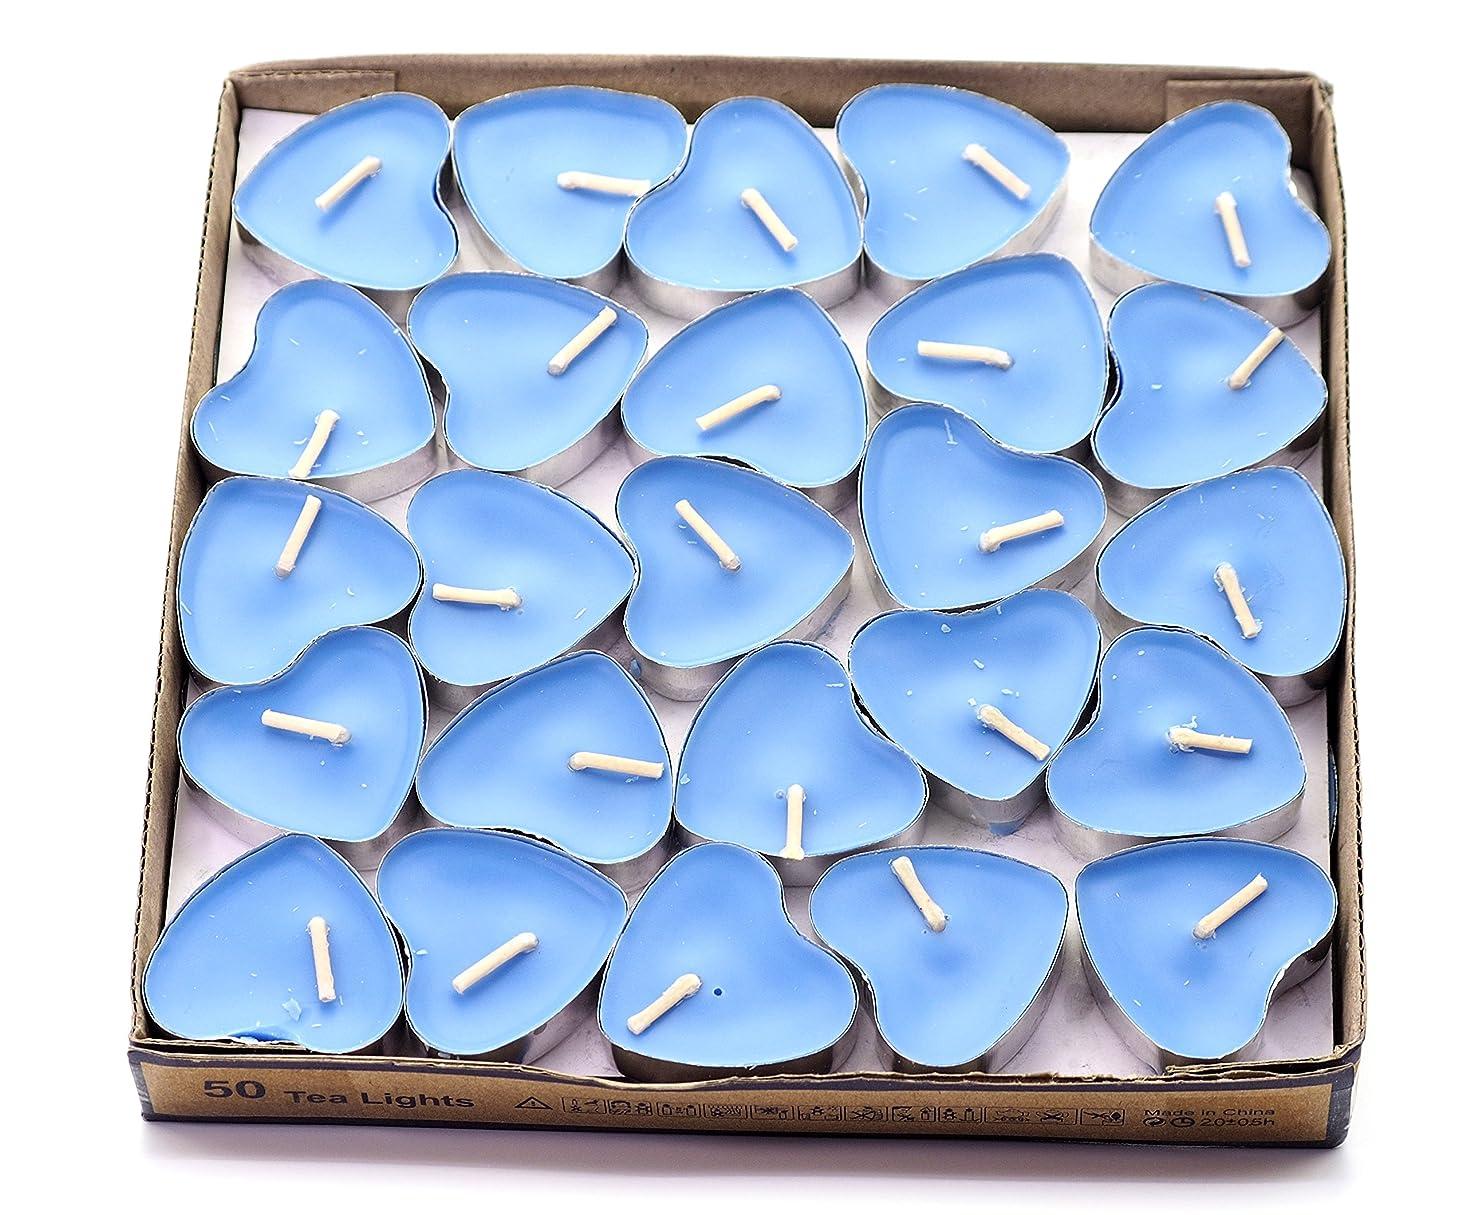 木製櫛キネマティクス(Blue(ocean)) - Creationtop Scented Candles Tea Lights Mini Hearts Home Decor Aroma Candles Set of 50 pcs mini candles (Blue(Ocean))